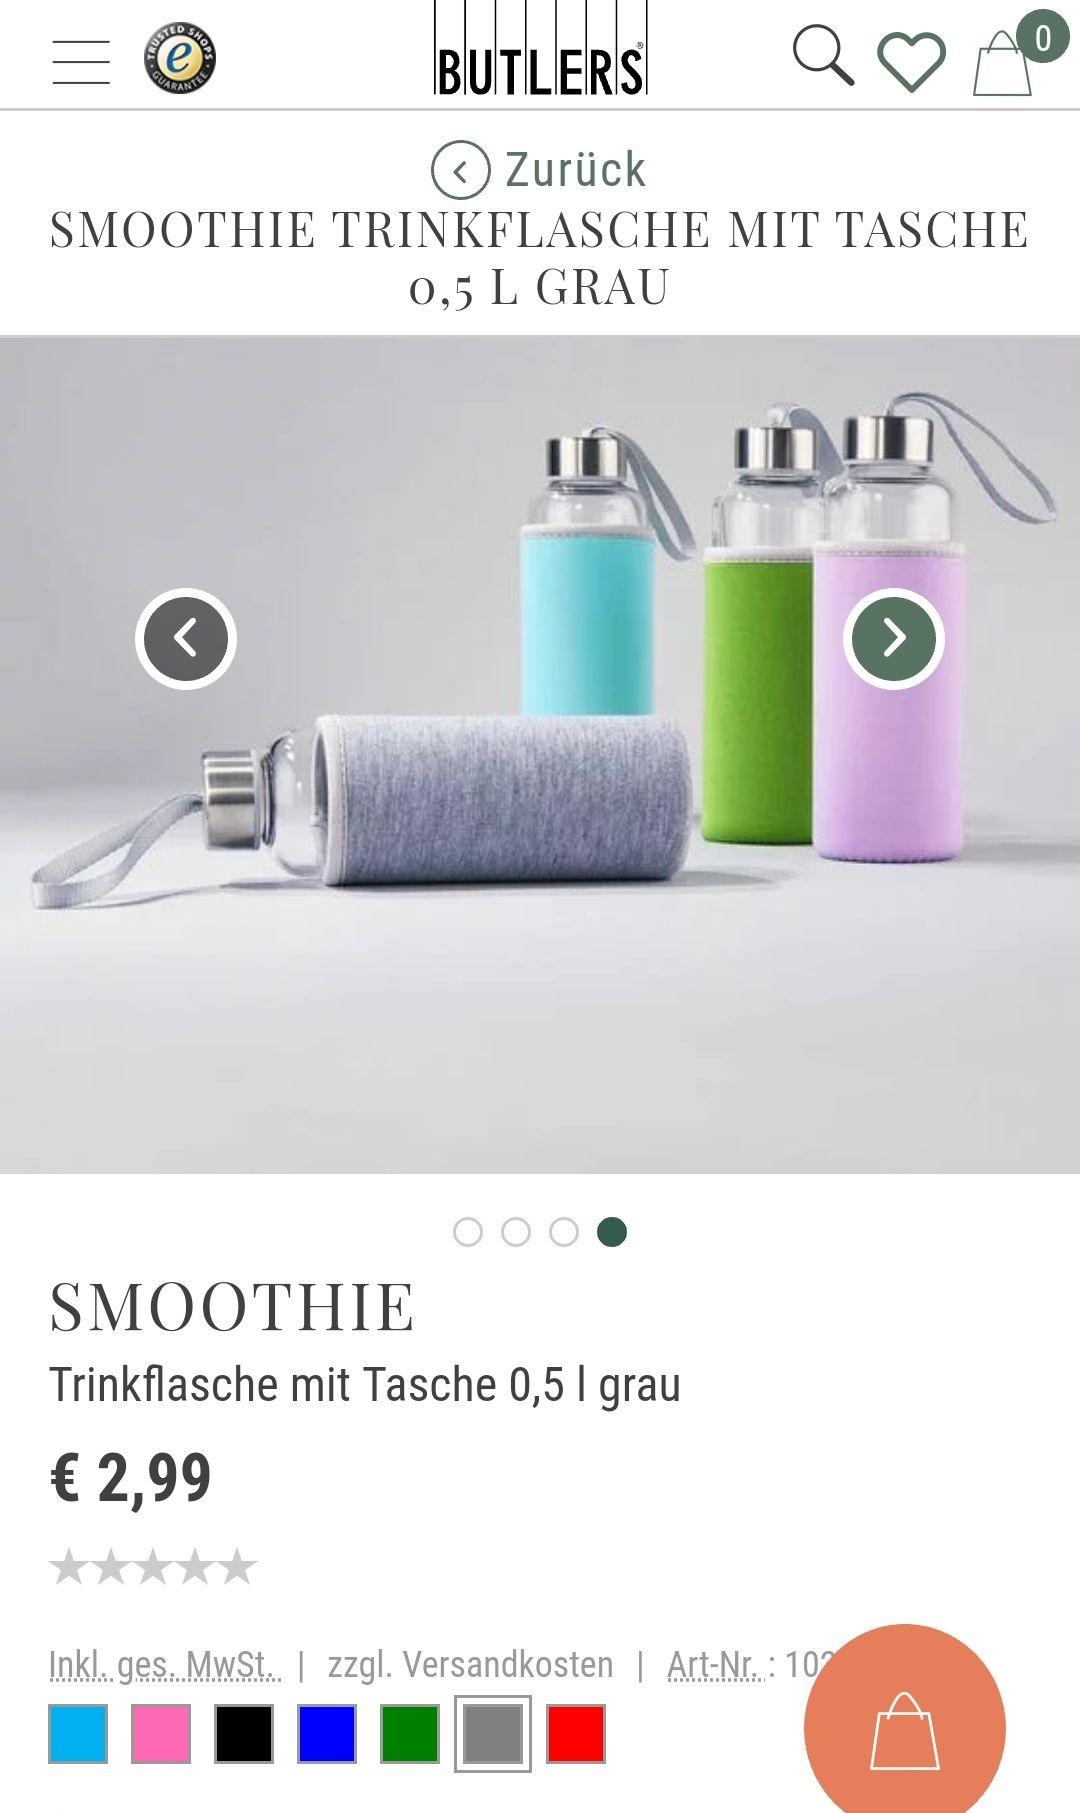 Butlers Filialabholung Smoothie Flasche Trinkflasche mit Tasche 0,5 l